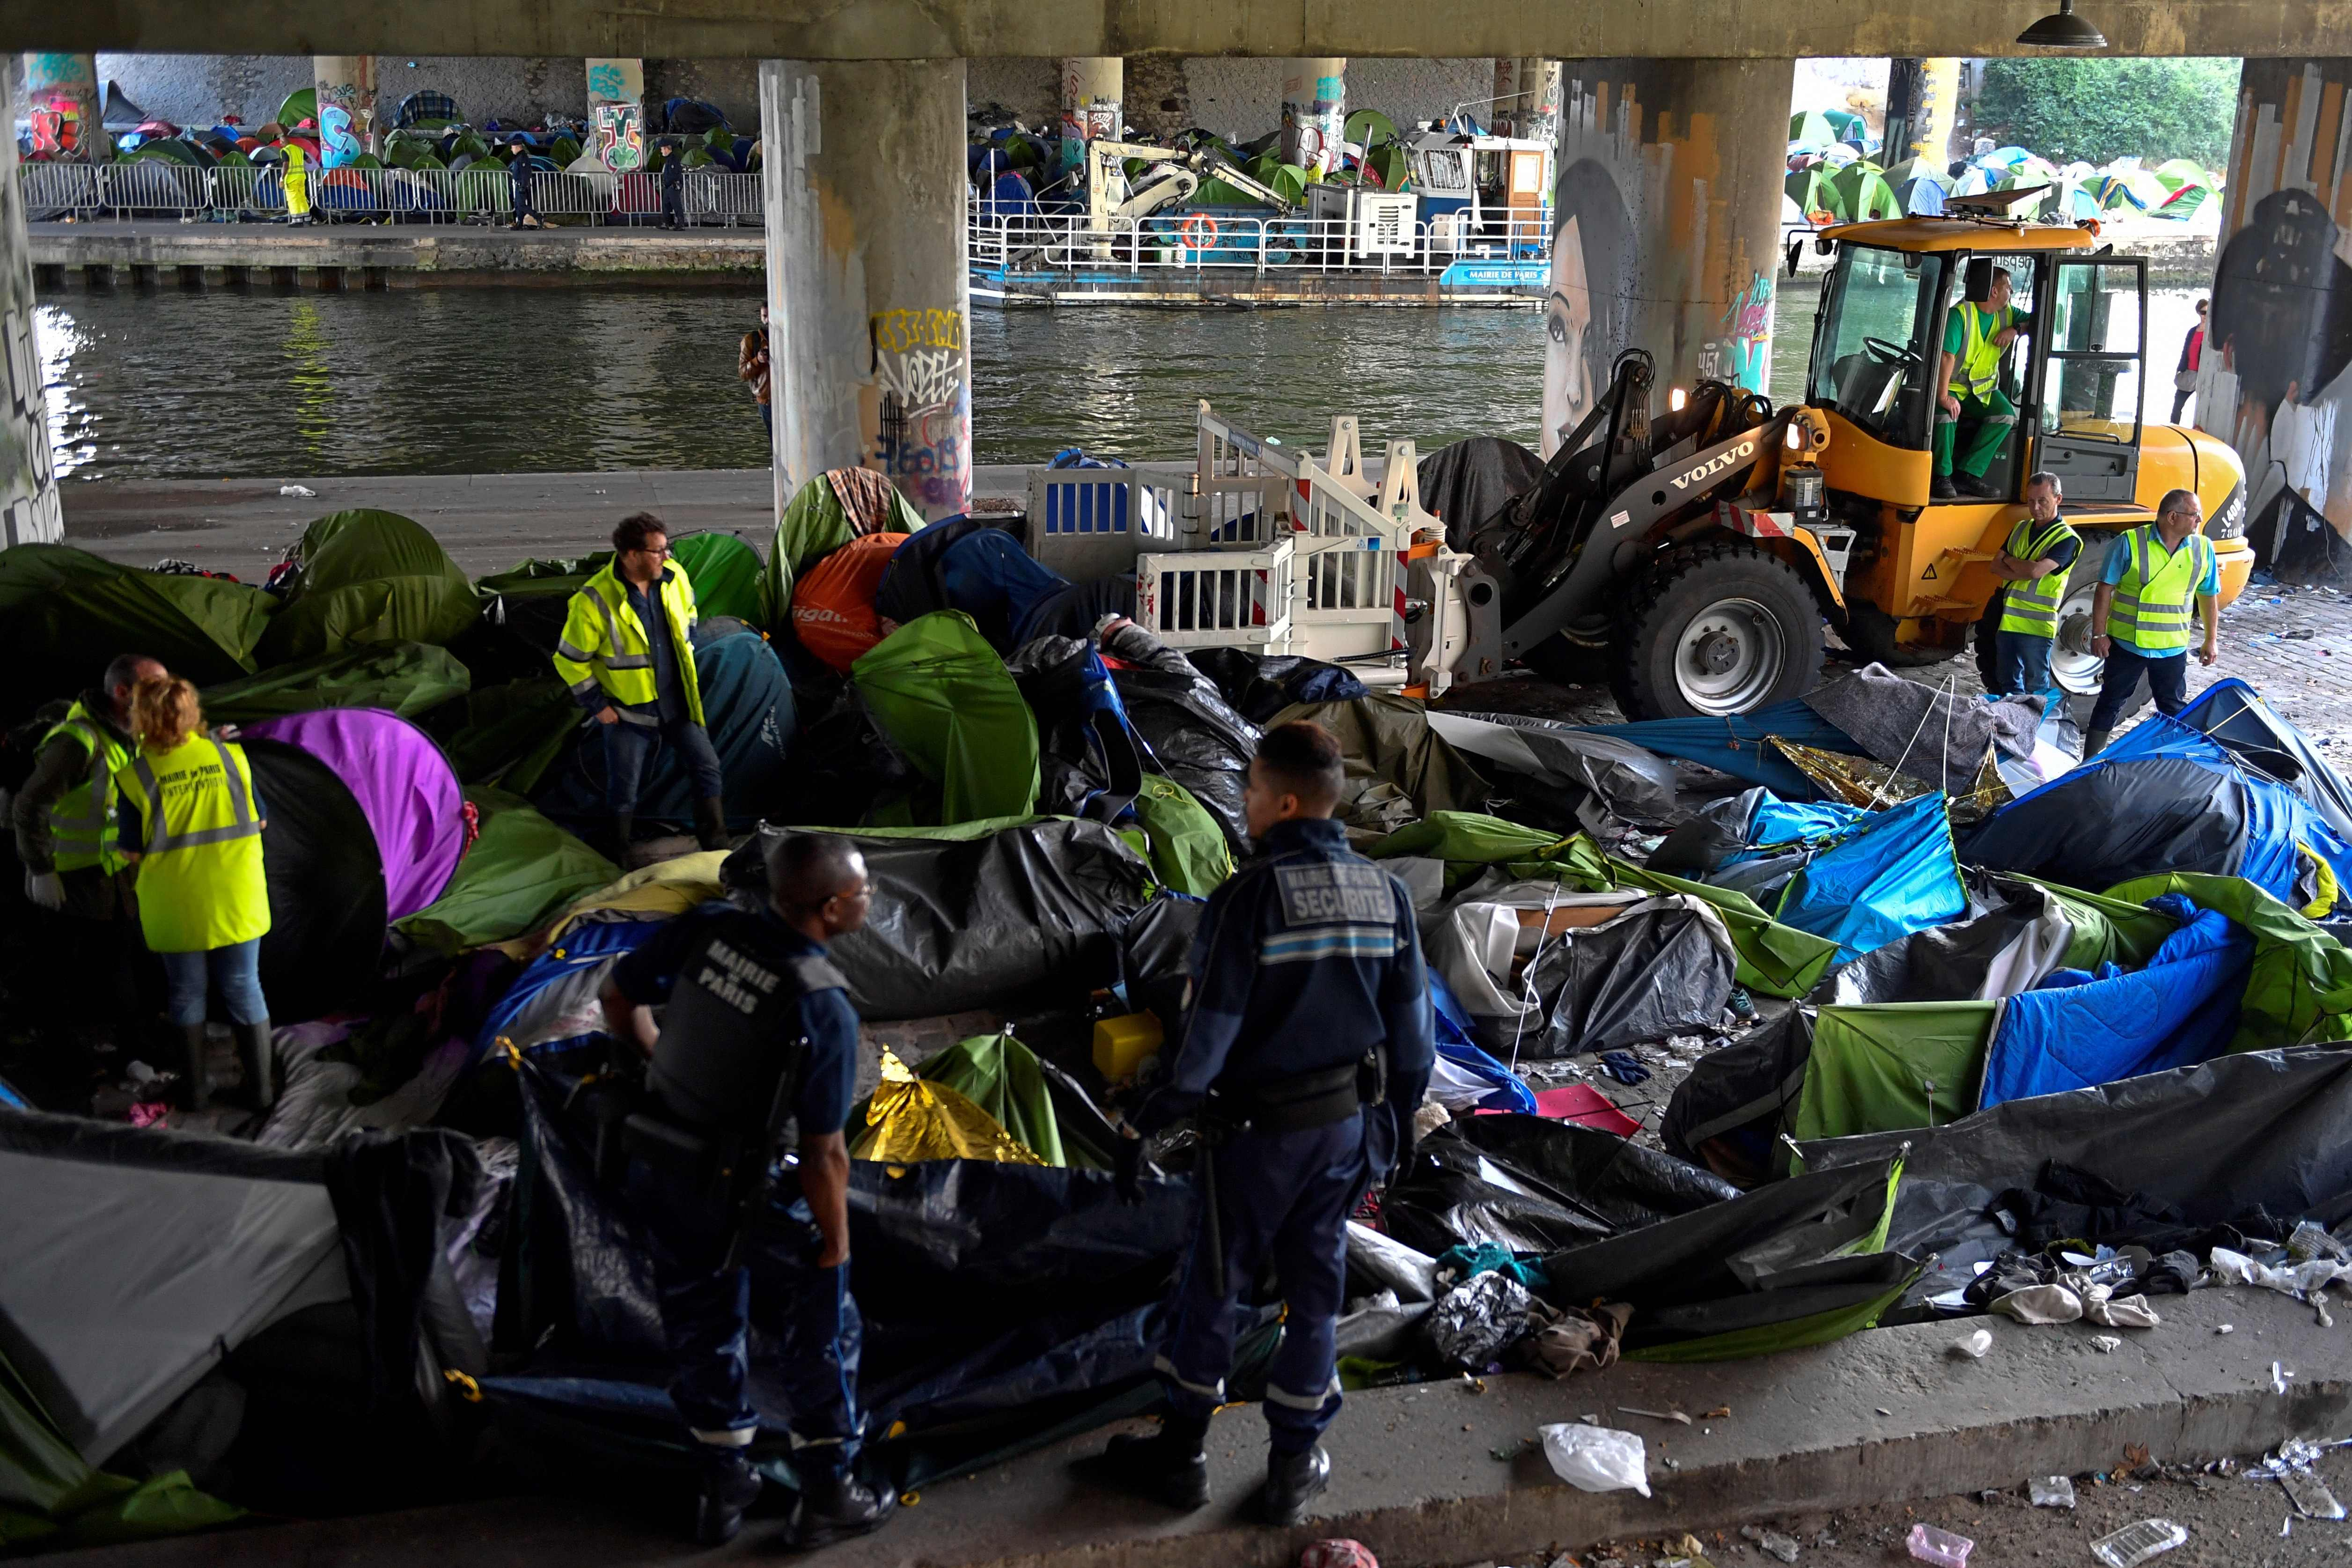 معدات ثقيلة لإزالة مخيمات المهاجرين فى باريس